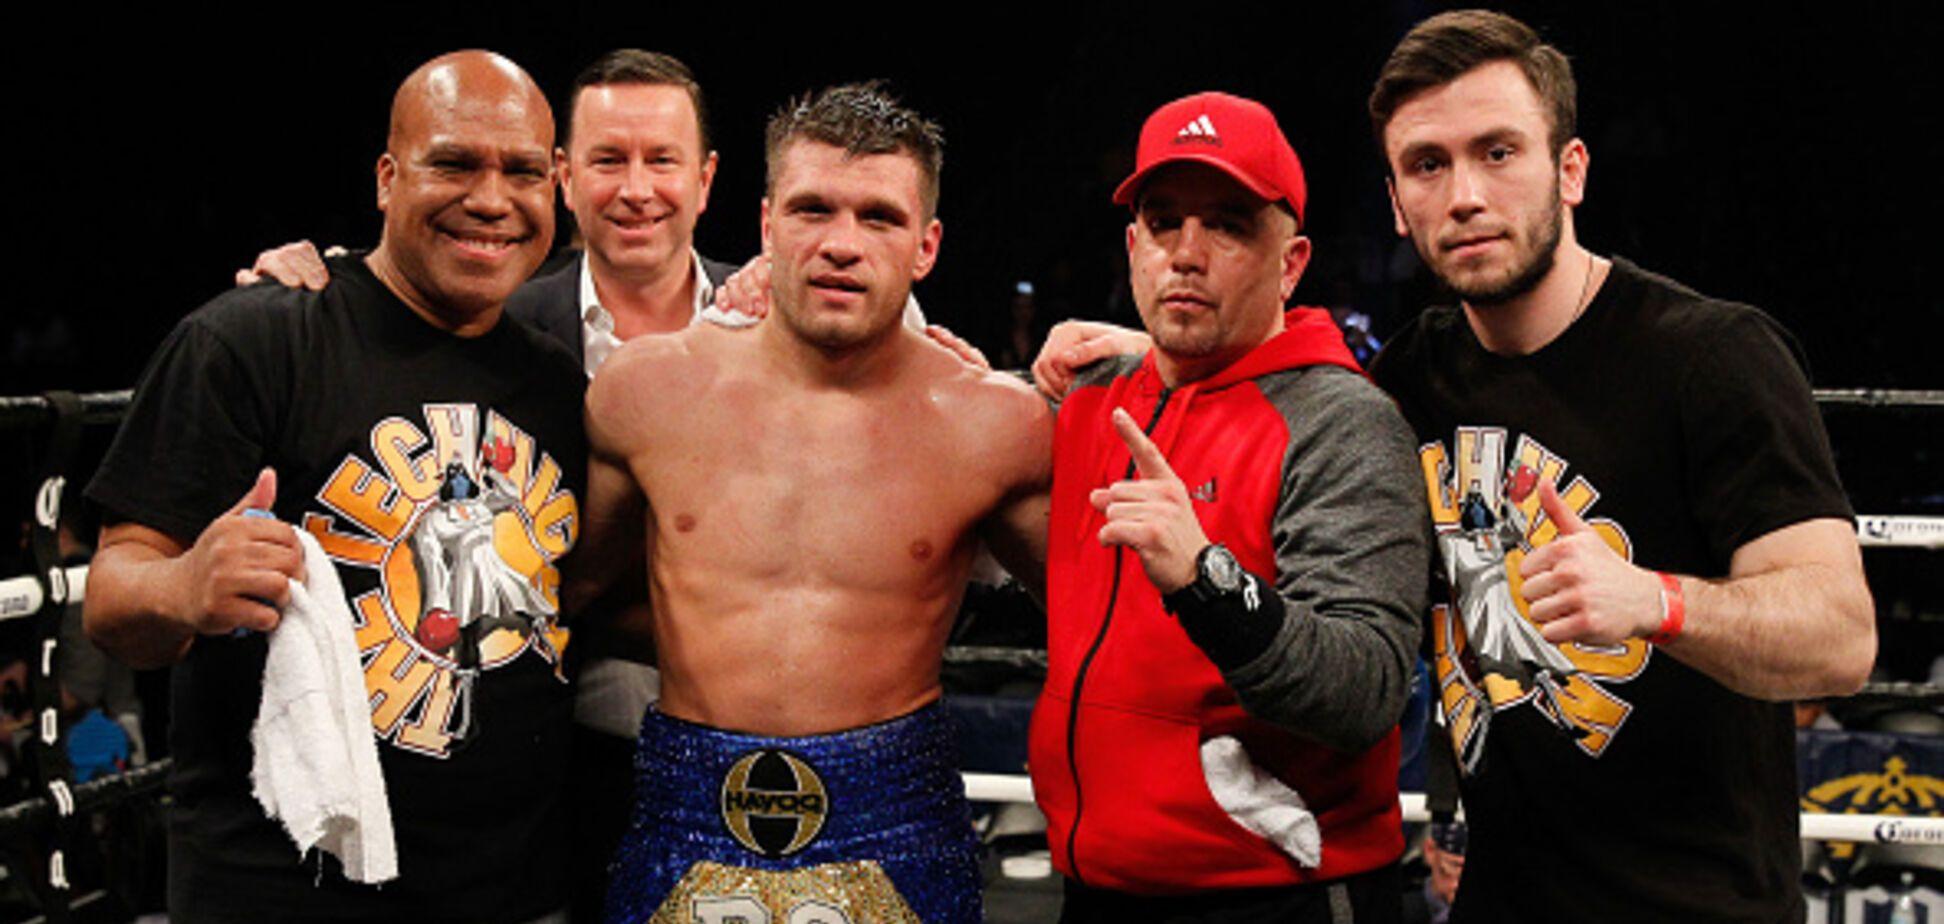 'Для народа Украины': знаменитый боксер выступил в американских СМИ